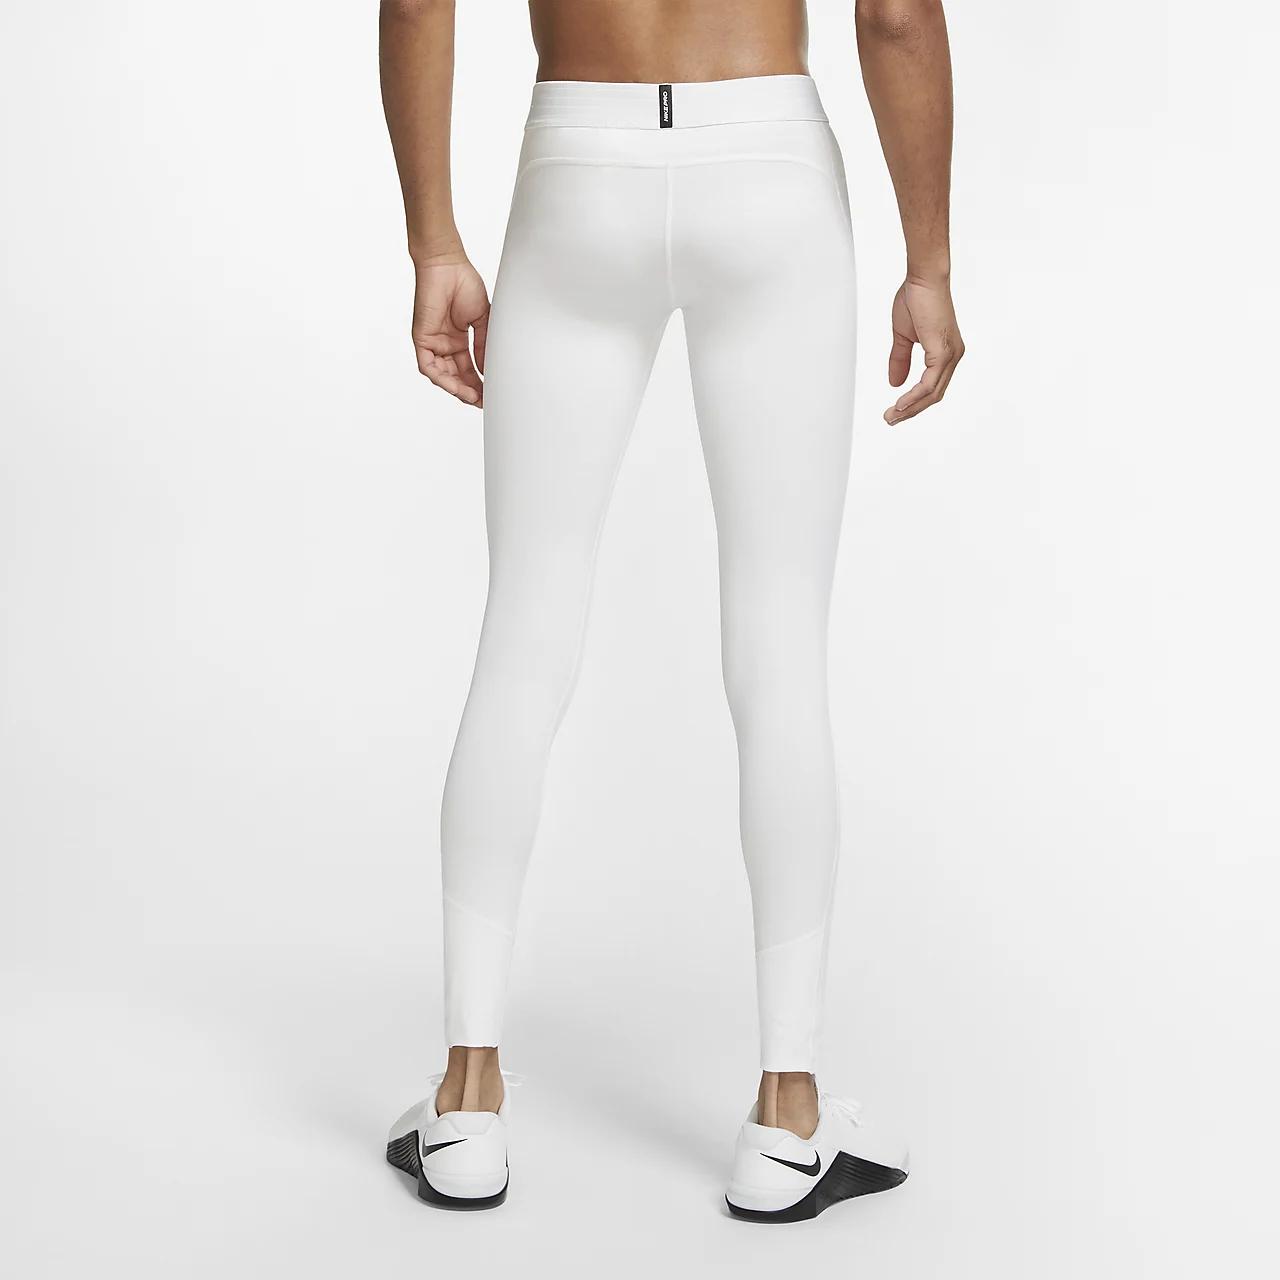 Nike Pro Warm Men's Tights CU4961-100